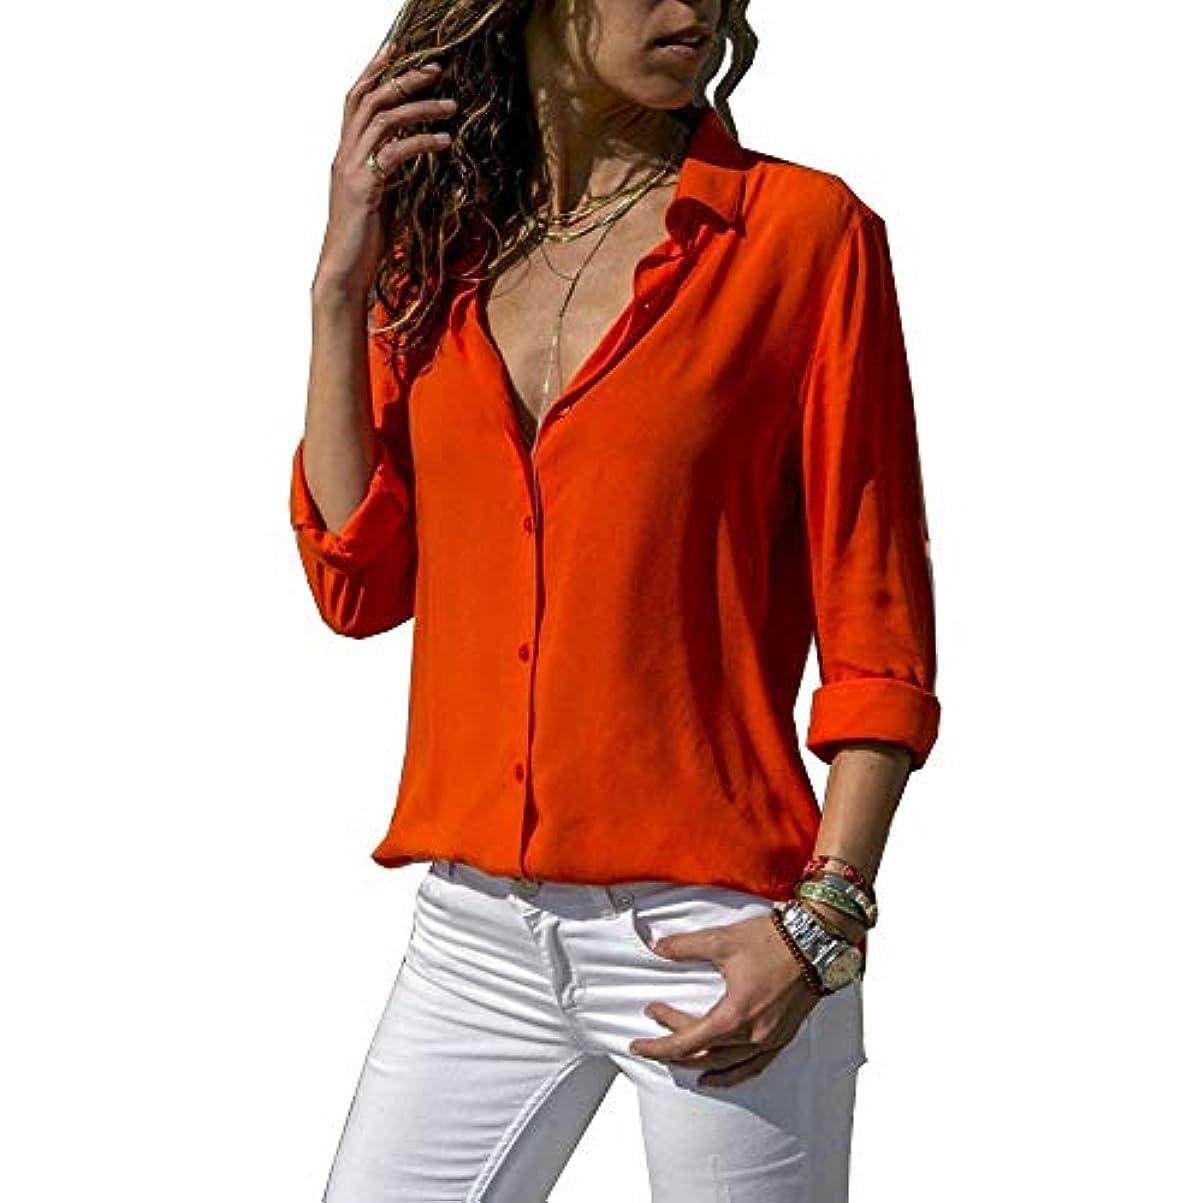 立ち寄る魔術師週末MIFAN ルーズシャツ、トップス&Tシャツ、プラスサイズ、トップス&ブラウス、シフォンブラウス、女性トップス、シフォンシャツ